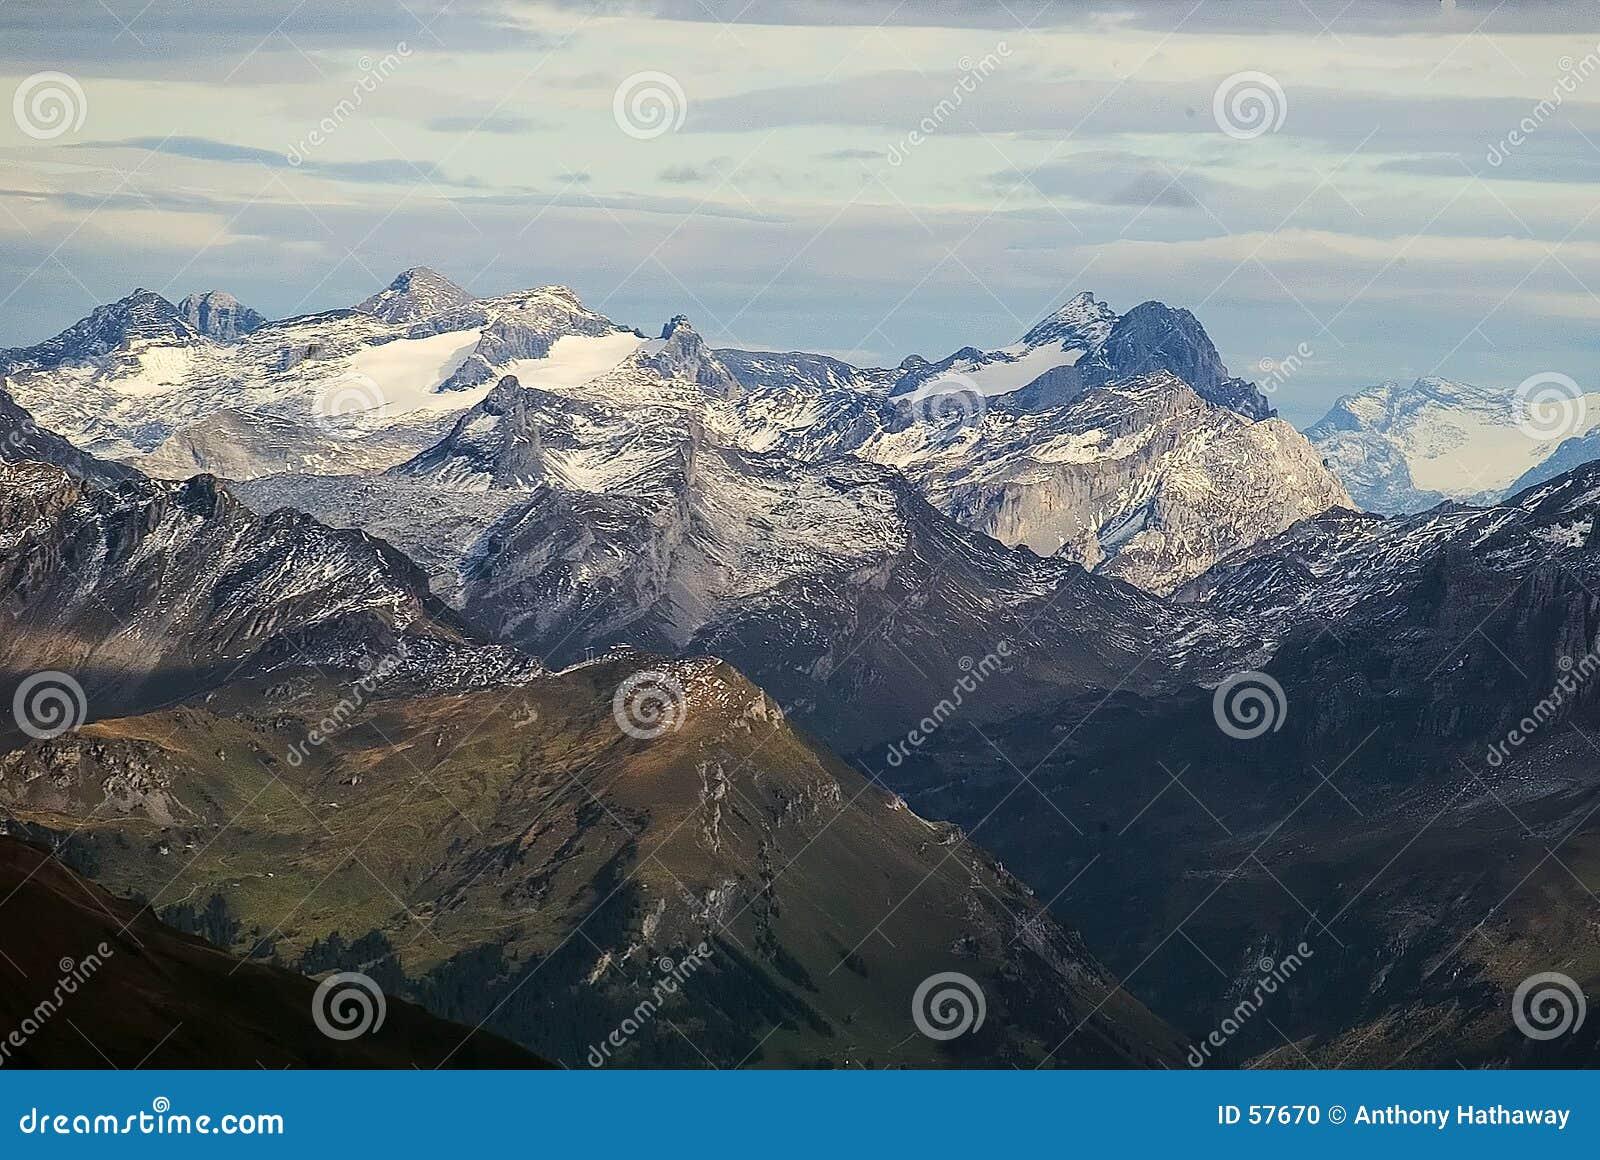 αλπικά βουνά